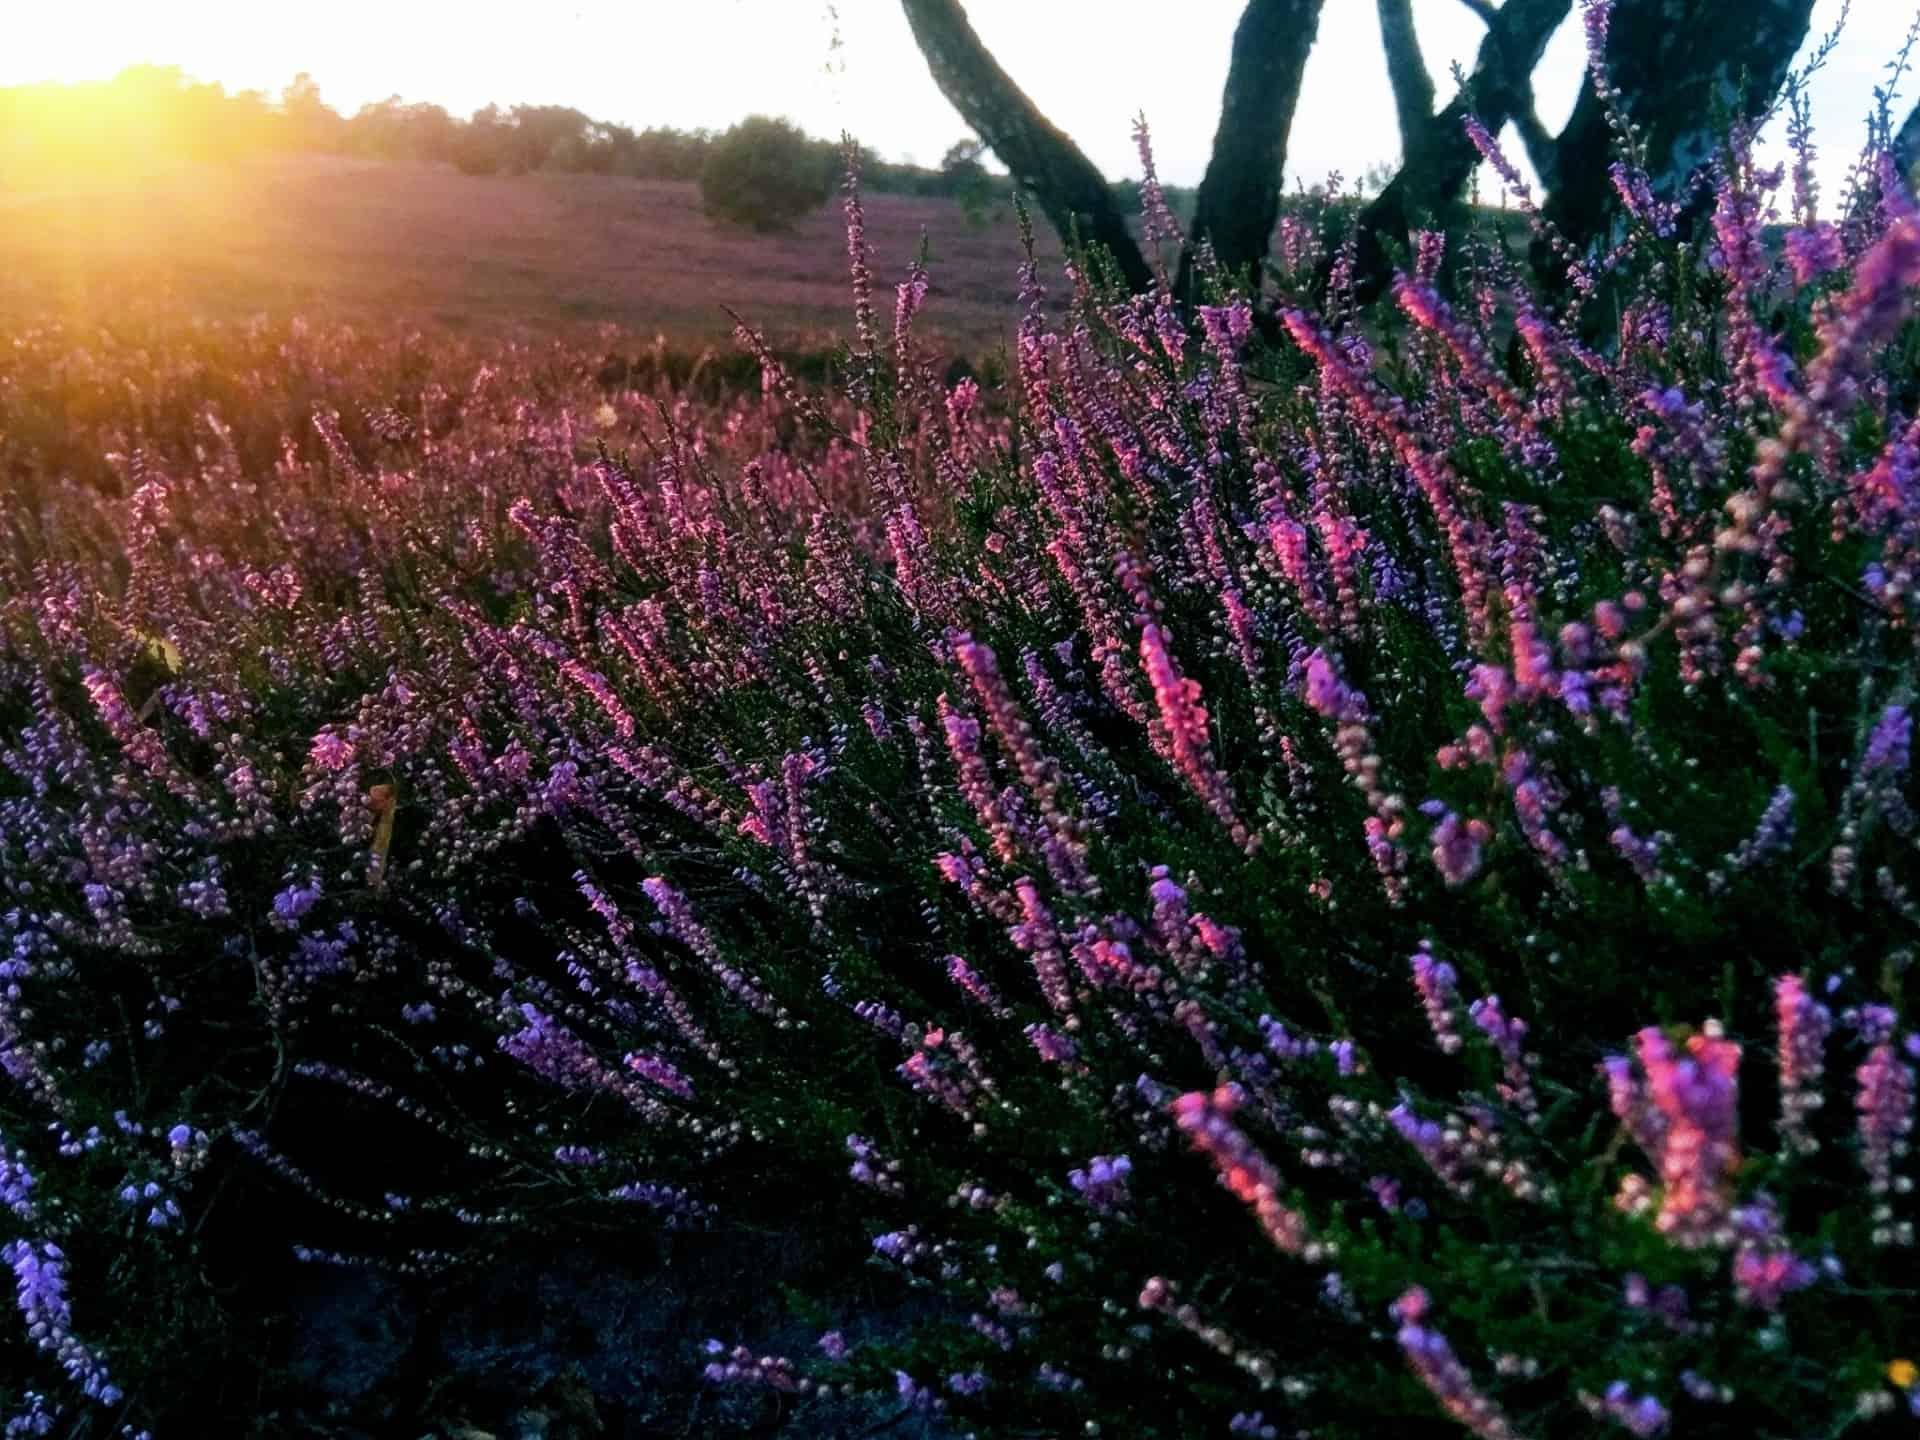 Blühende Heide (Calluna vulgaris) im Abendsonnenschein